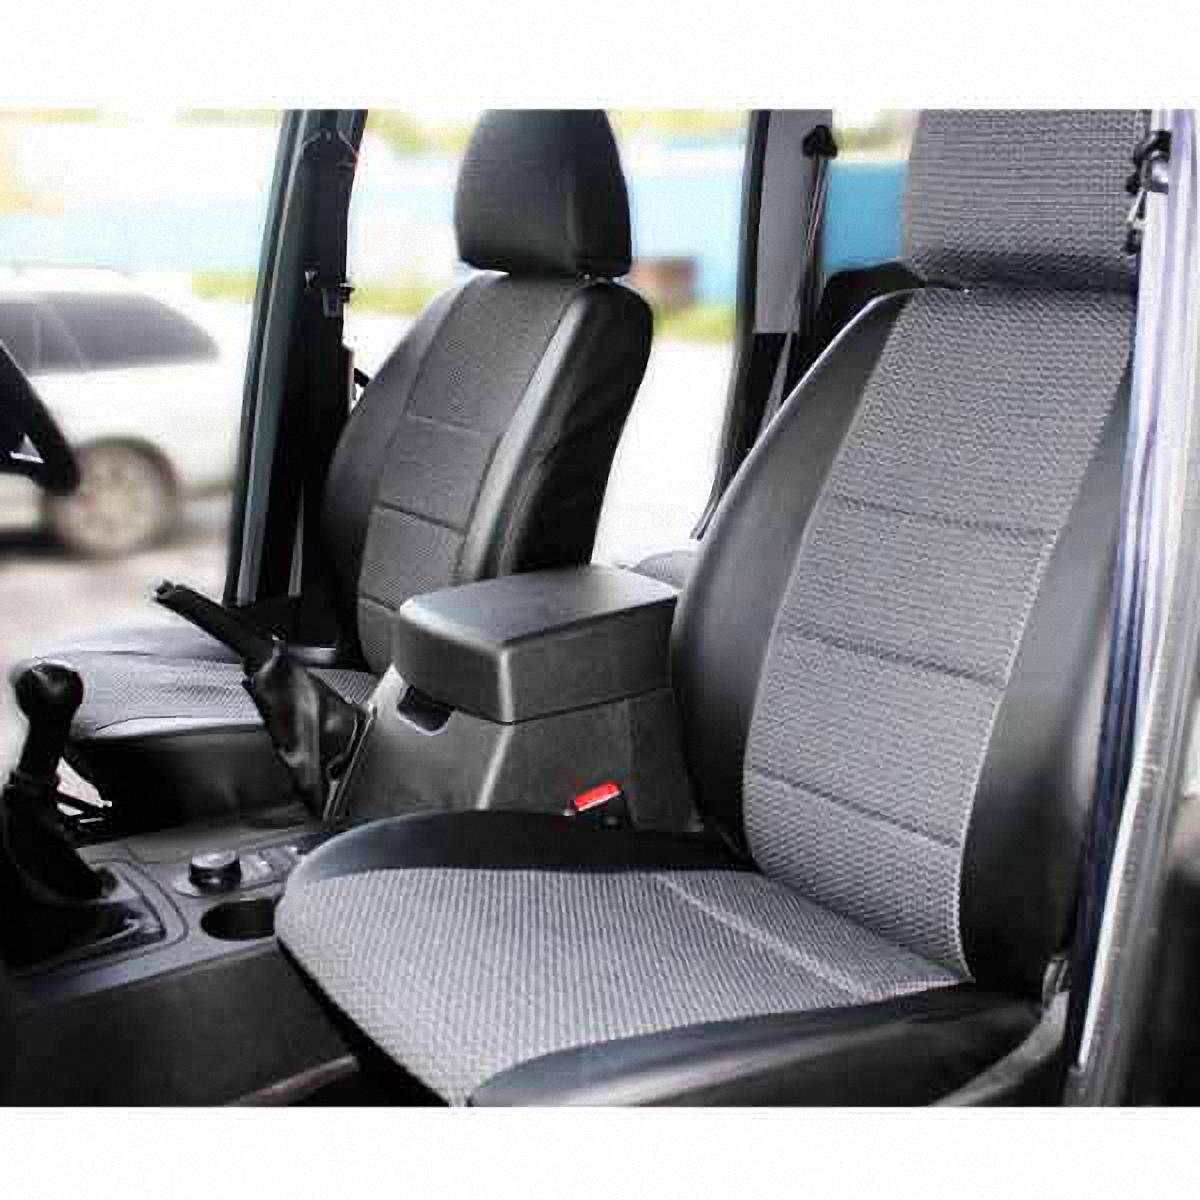 Чехлы автомобильные Skyway, для УАЗ Patriot 2014-. U2-2KU2-2KАвтомобильные чехлы Skyway изготовлены из качественного жаккарда и экокожи. Чехлы идеально повторяют штатную форму сидений и выглядят как оригинальная обивка сидений. Разработаны индивидуально для каждой модели автомобиля. Авточехлы Skyway просты в уходе - загрязнения легко удаляются влажной тканью. Чехлы имеют раздельную схему надевания. В комплекте 12 предметов.